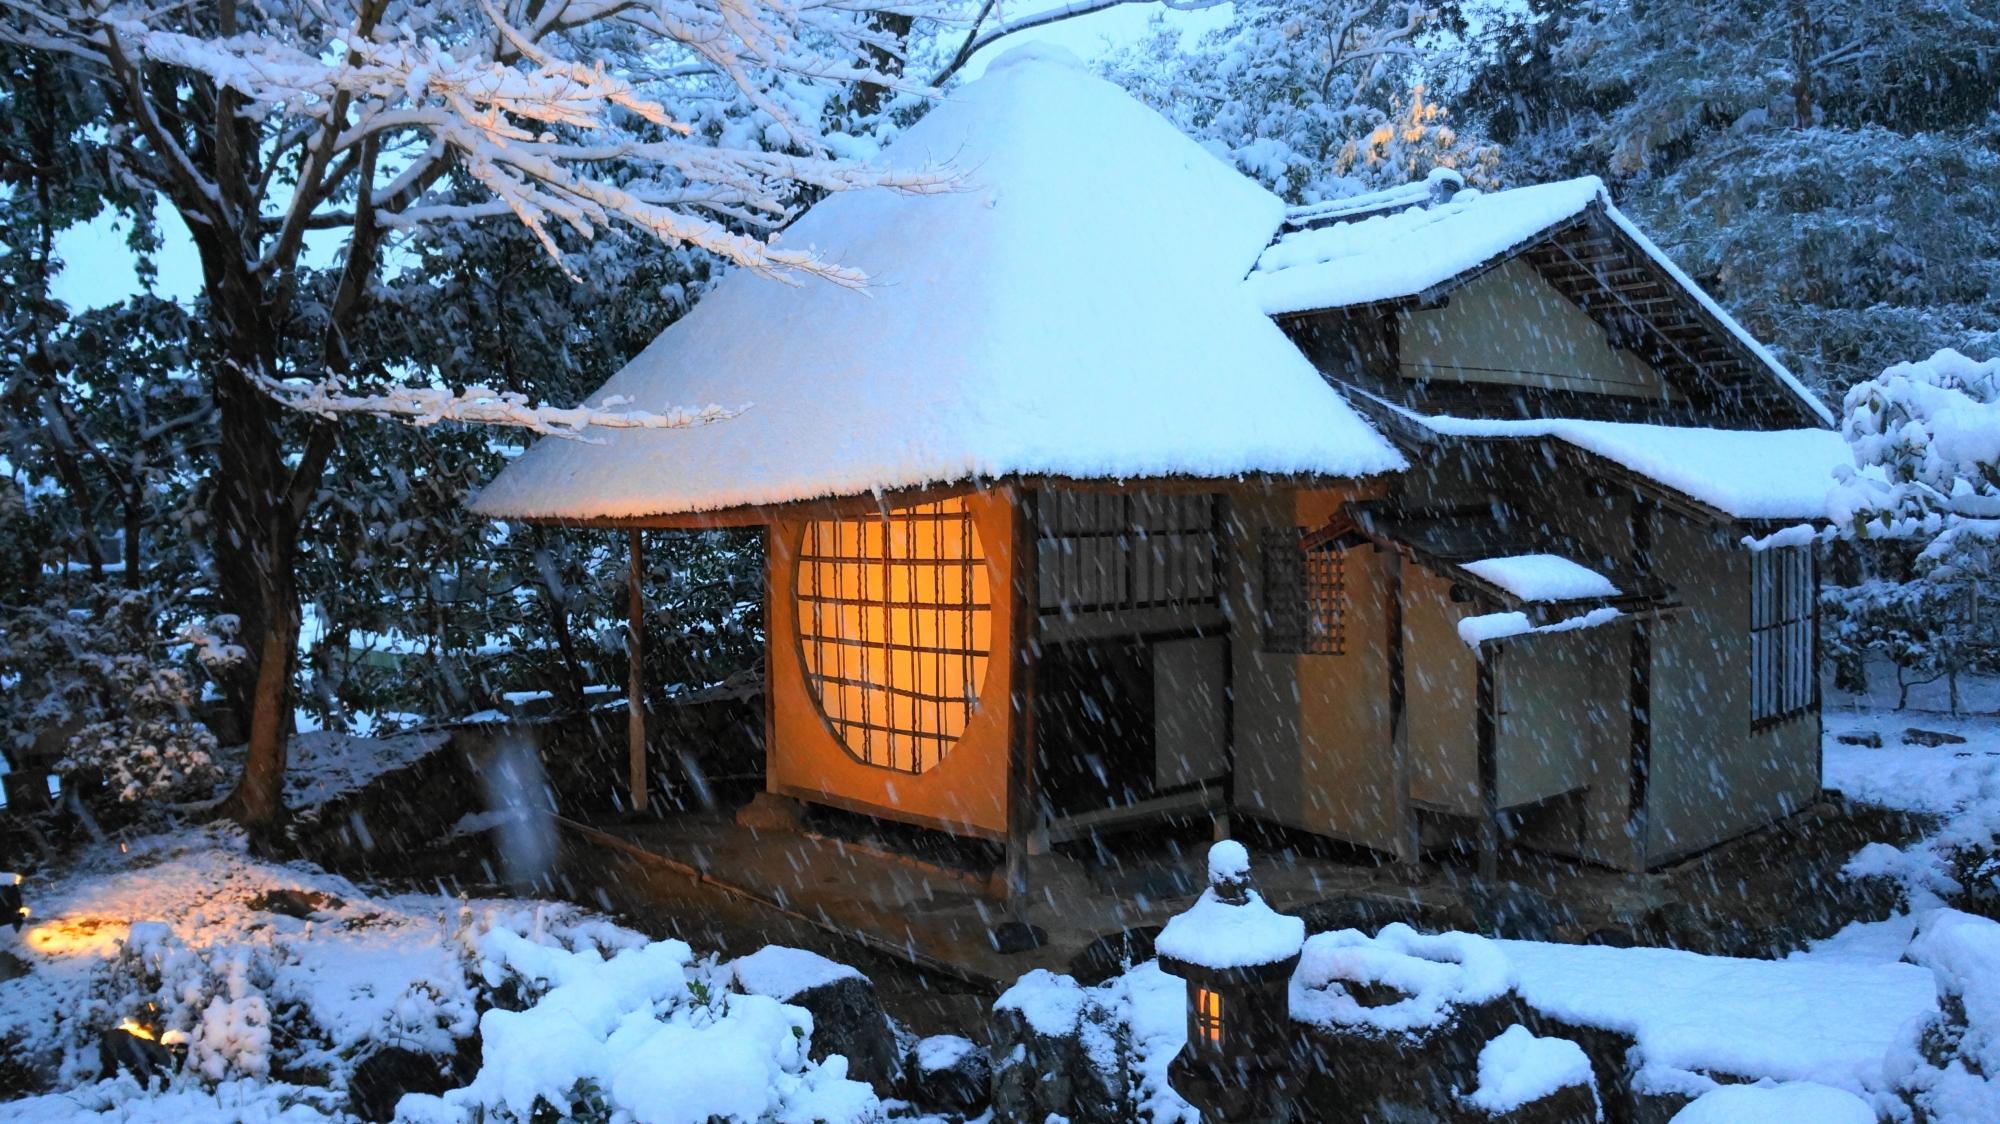 ほのかに明りが灯る風情ある雪景色